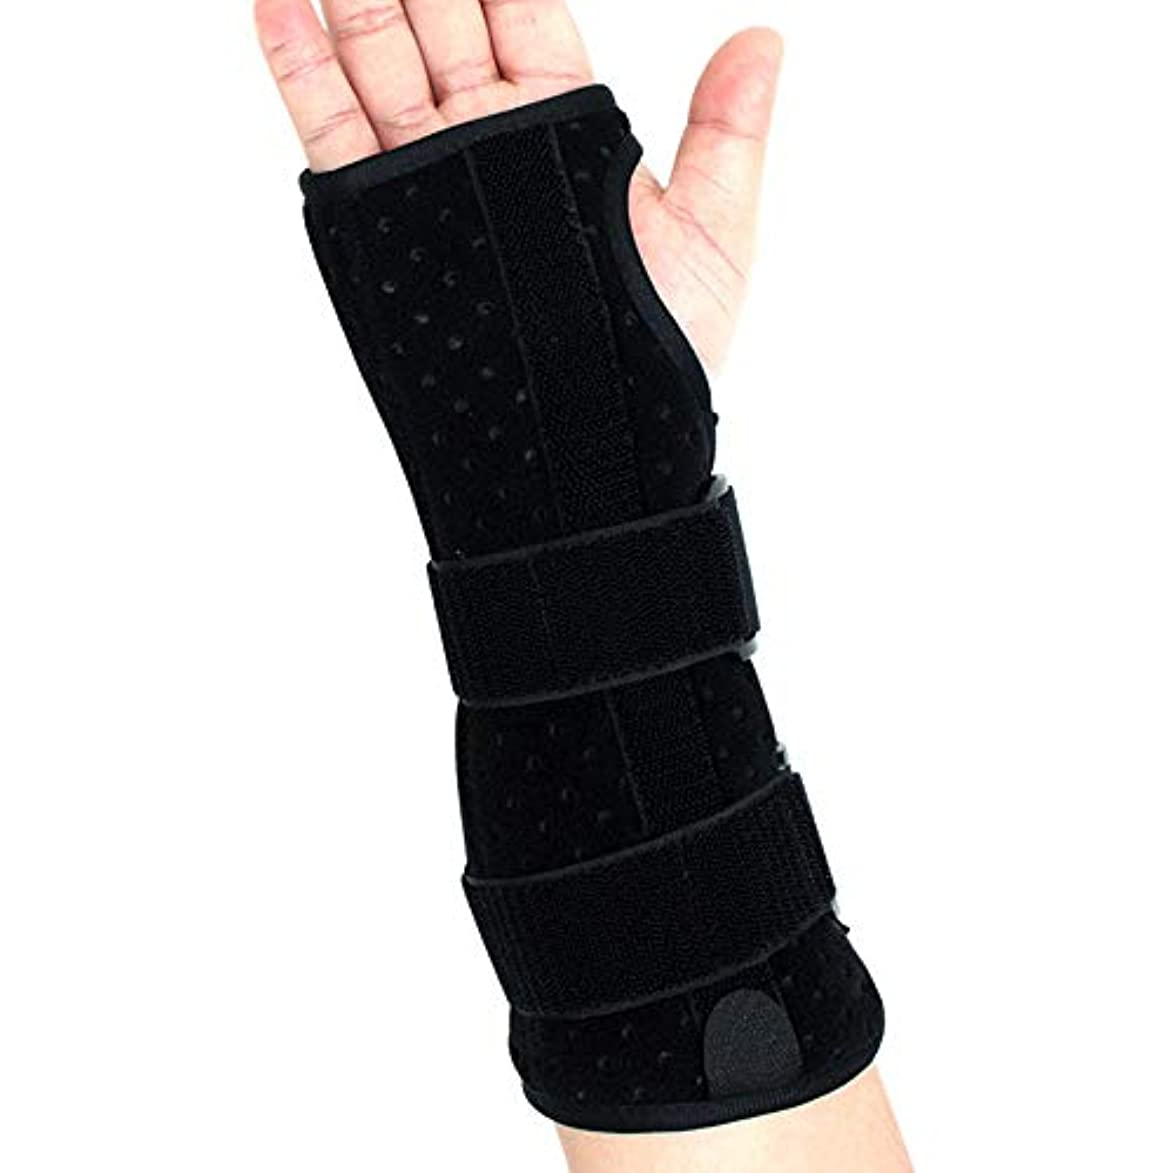 特徴陰謀精神医学手首サポートブレース、怪我、スポーツ、ジム、繰り返しの緊張などのためのクッション付きパッド付き軽量スプリント デザイン,Righthand,L